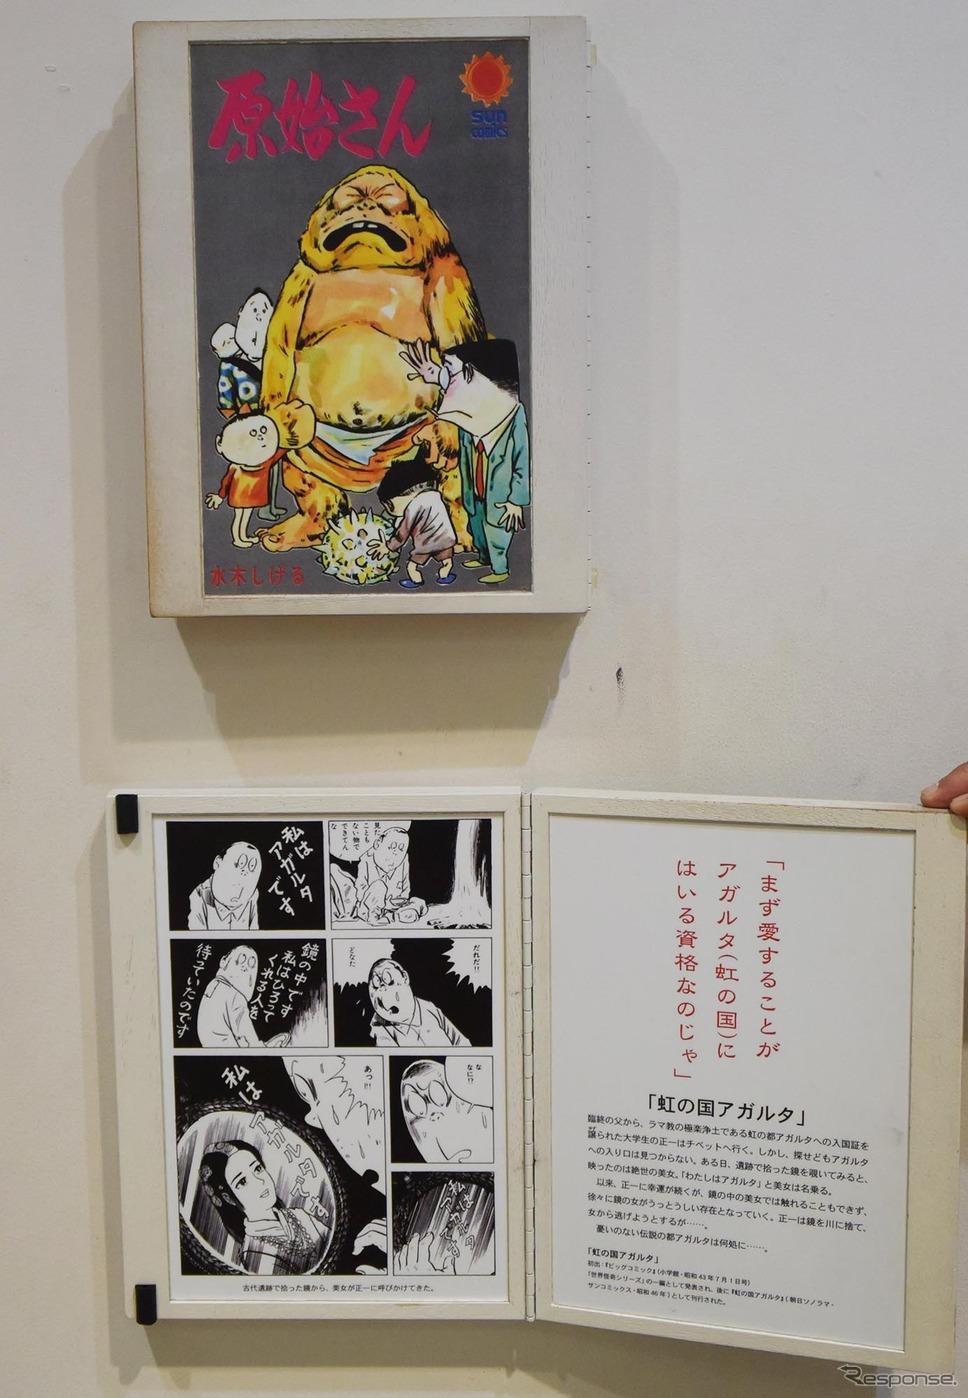 展示物を開けると作品の中身を見ることができる。《撮影 井元康一郎》